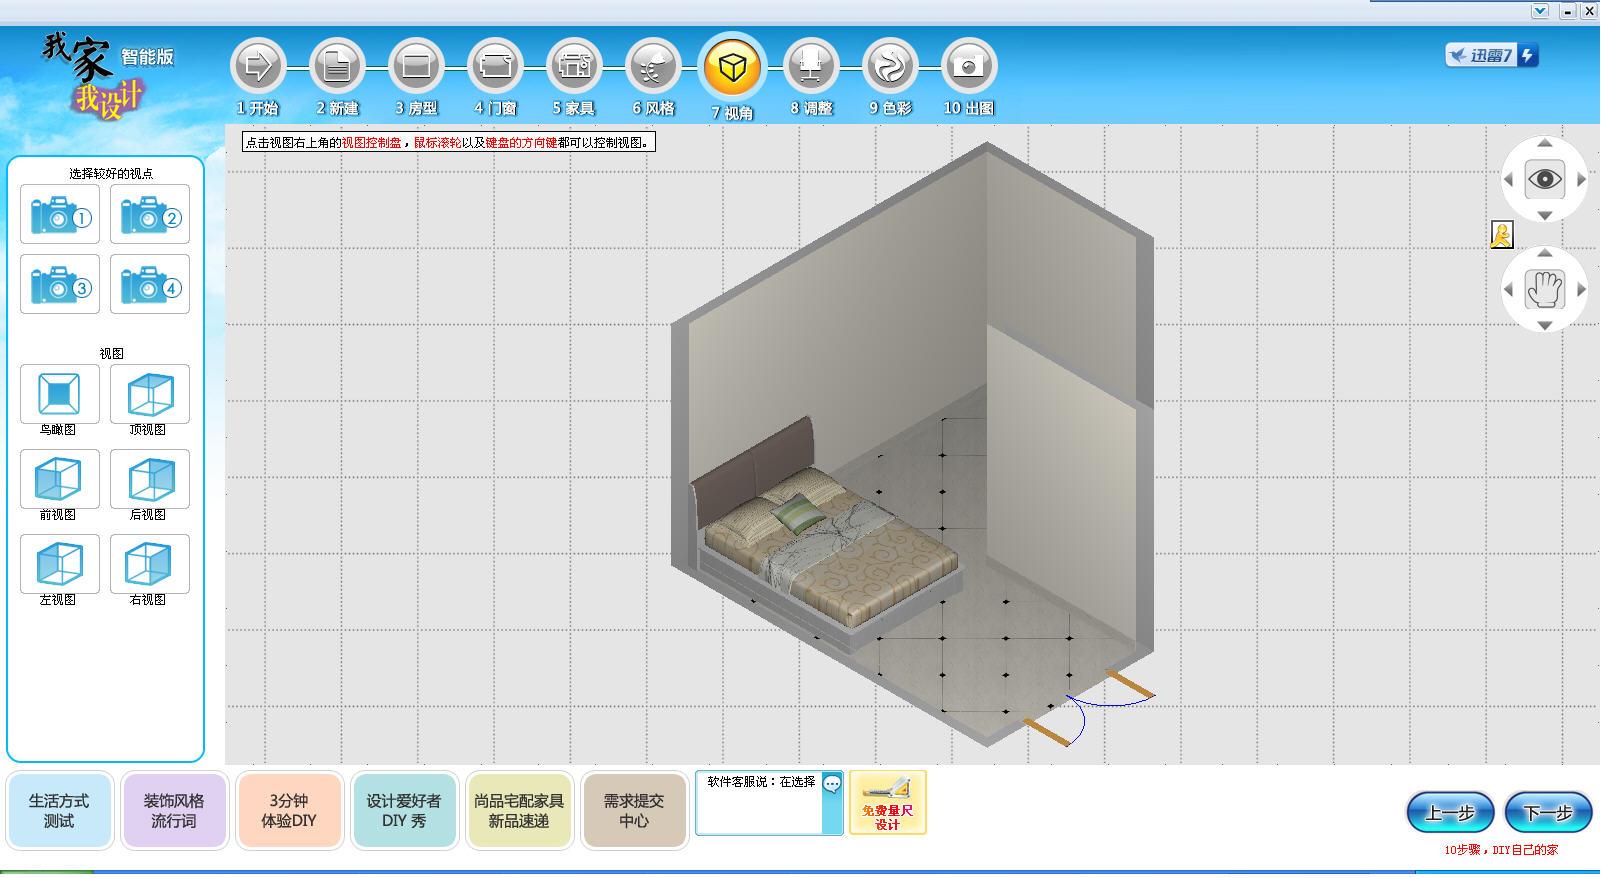 我家我设计 v7.0 智能版 图片预览图片